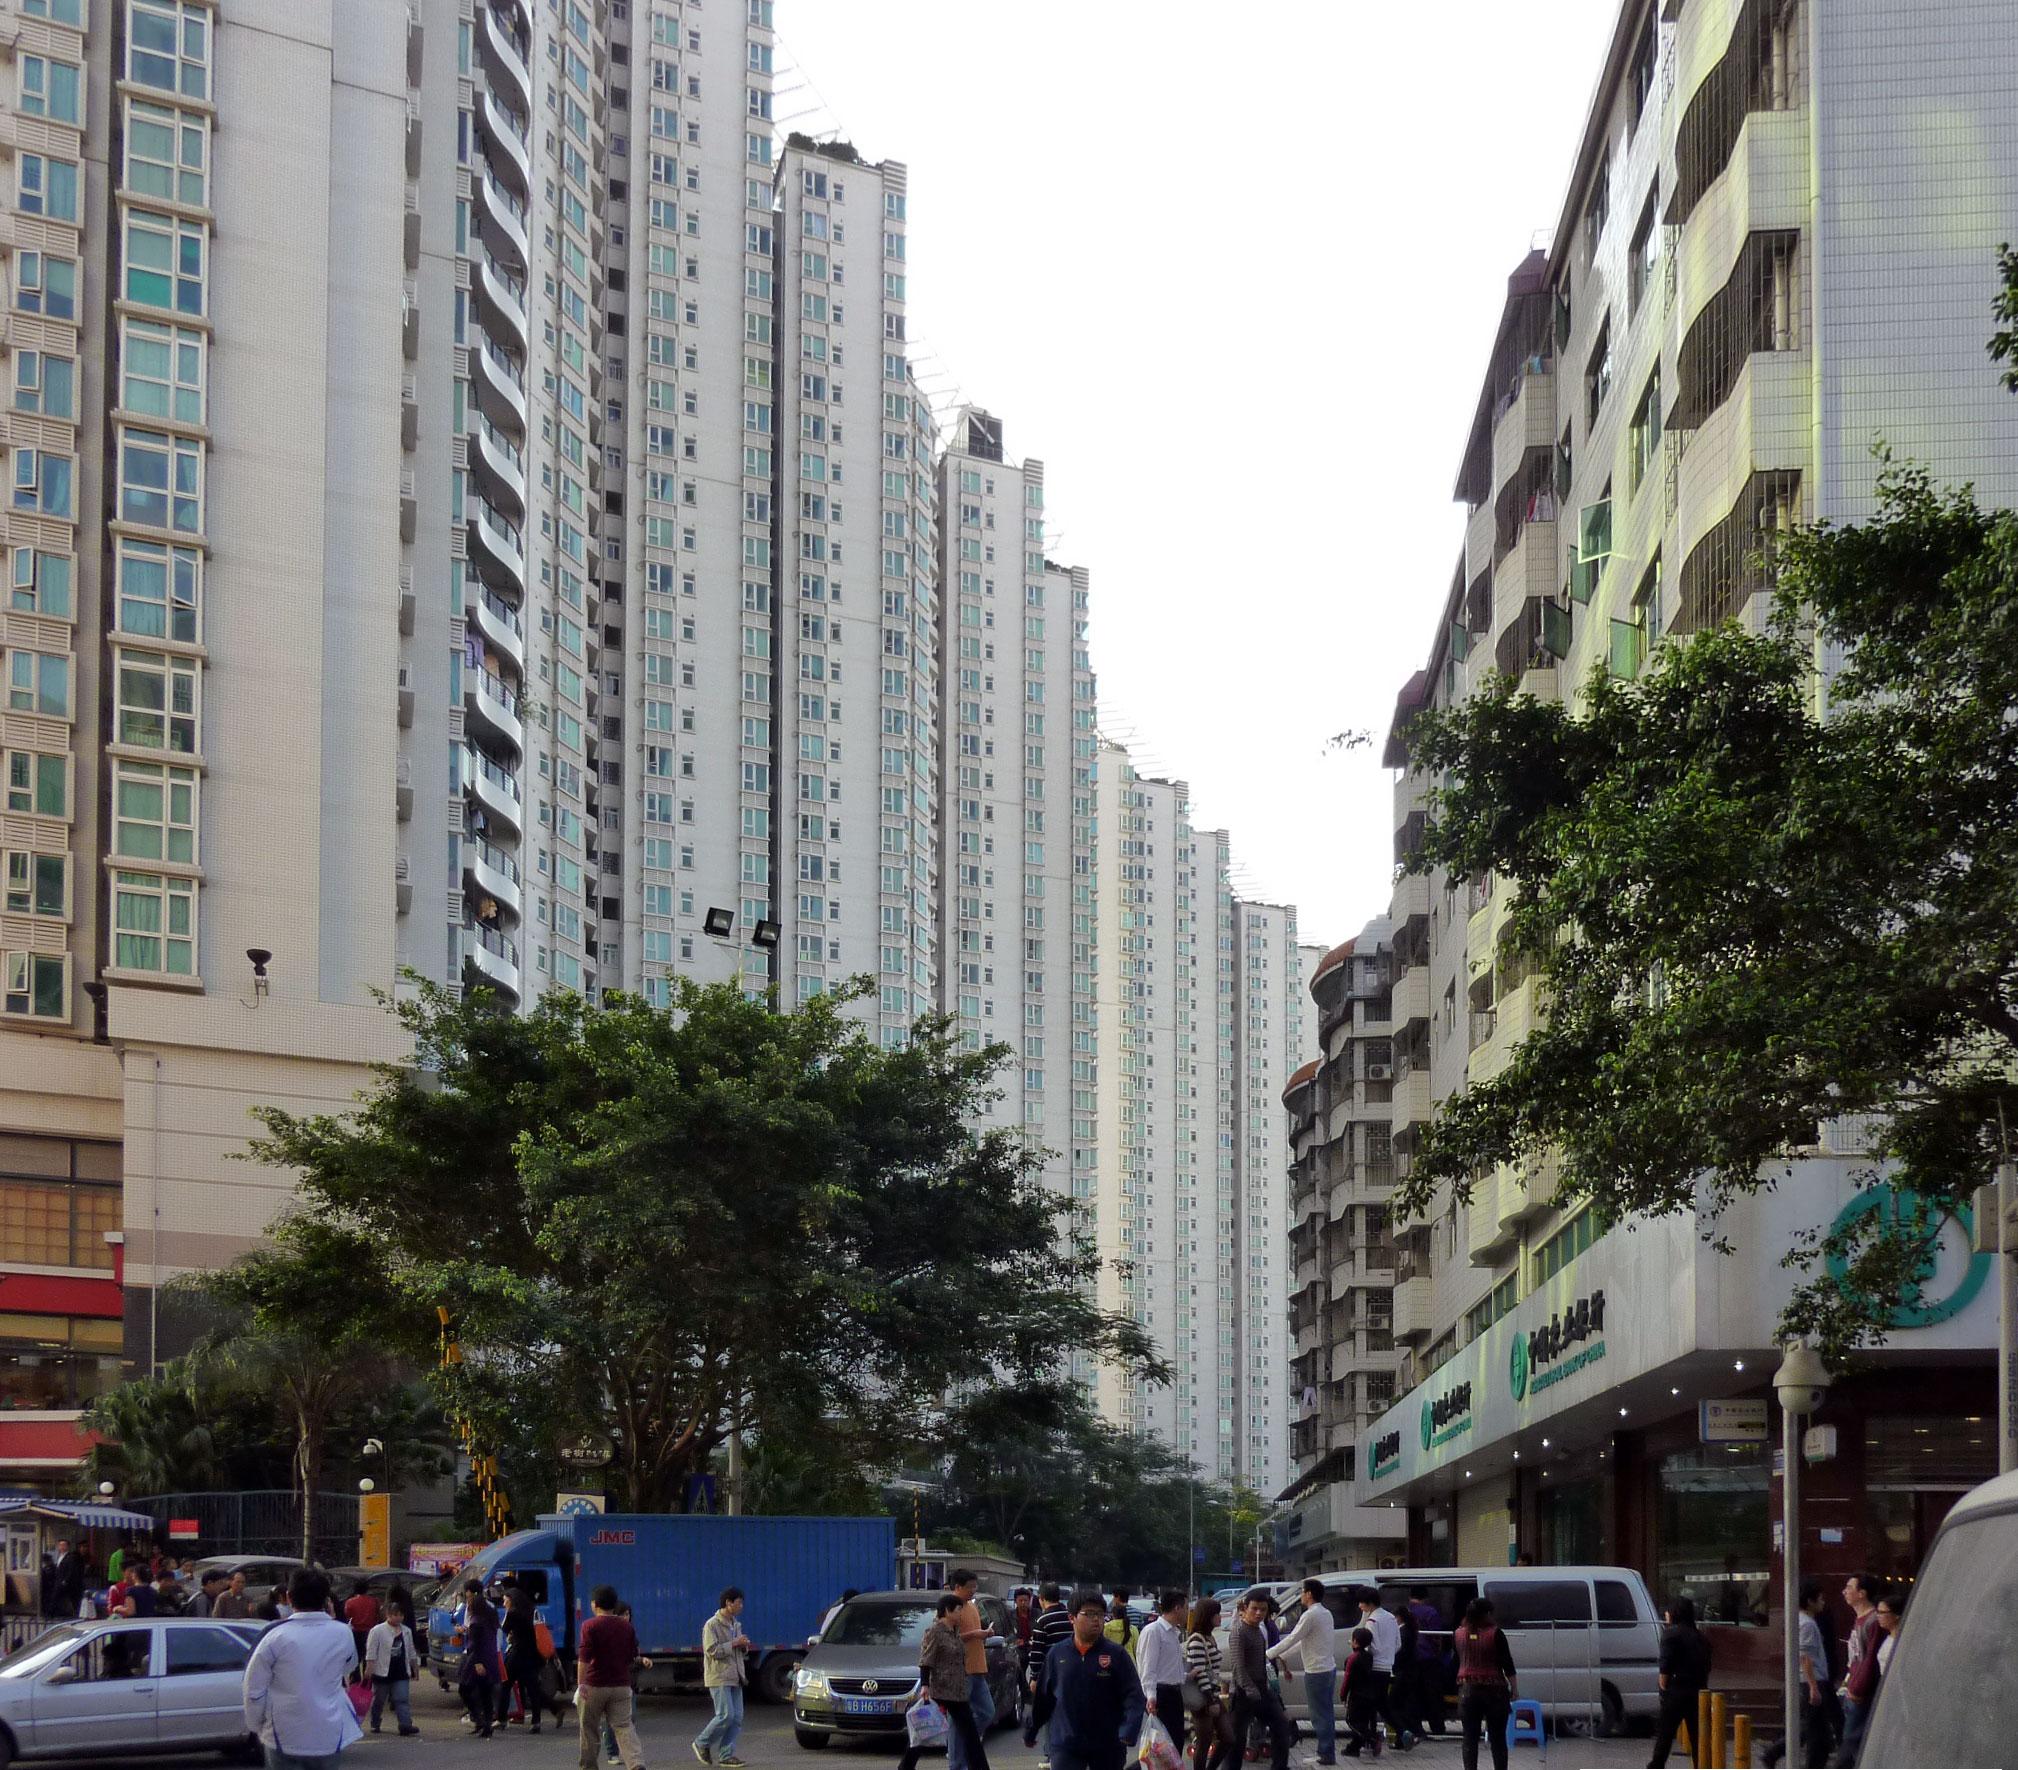 Streets_in_Baishizhou,_Shenzhen.jpg